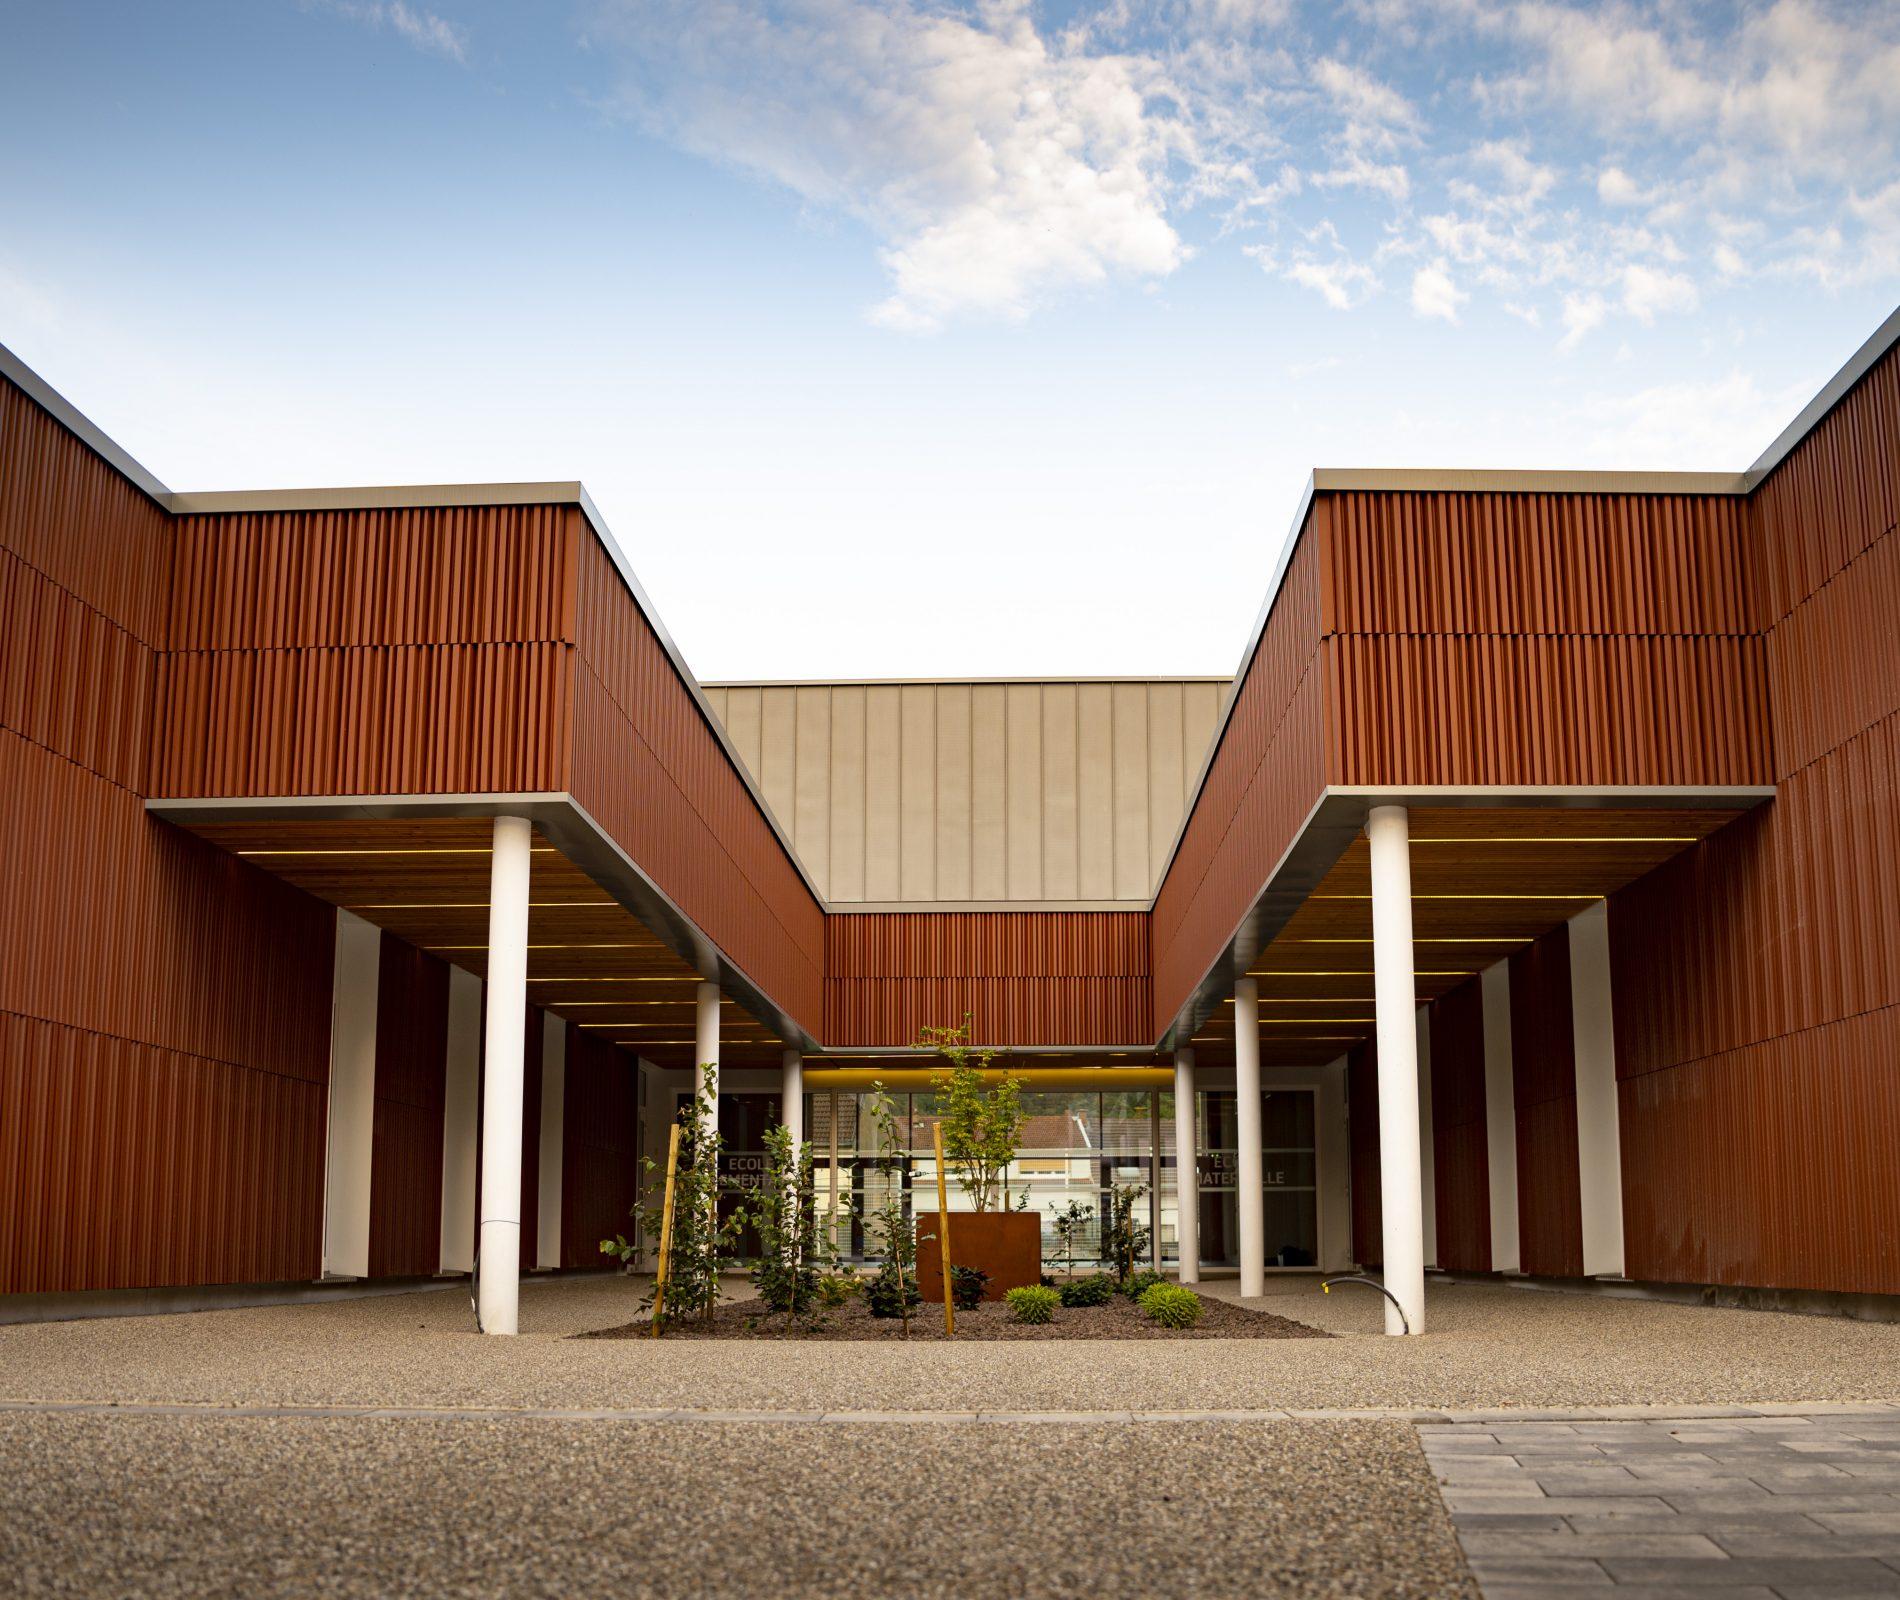 Travaux-facade-sur-beton-ecole-Les-Grands-Cedres-Rosbruck-Metz-en-Moselle